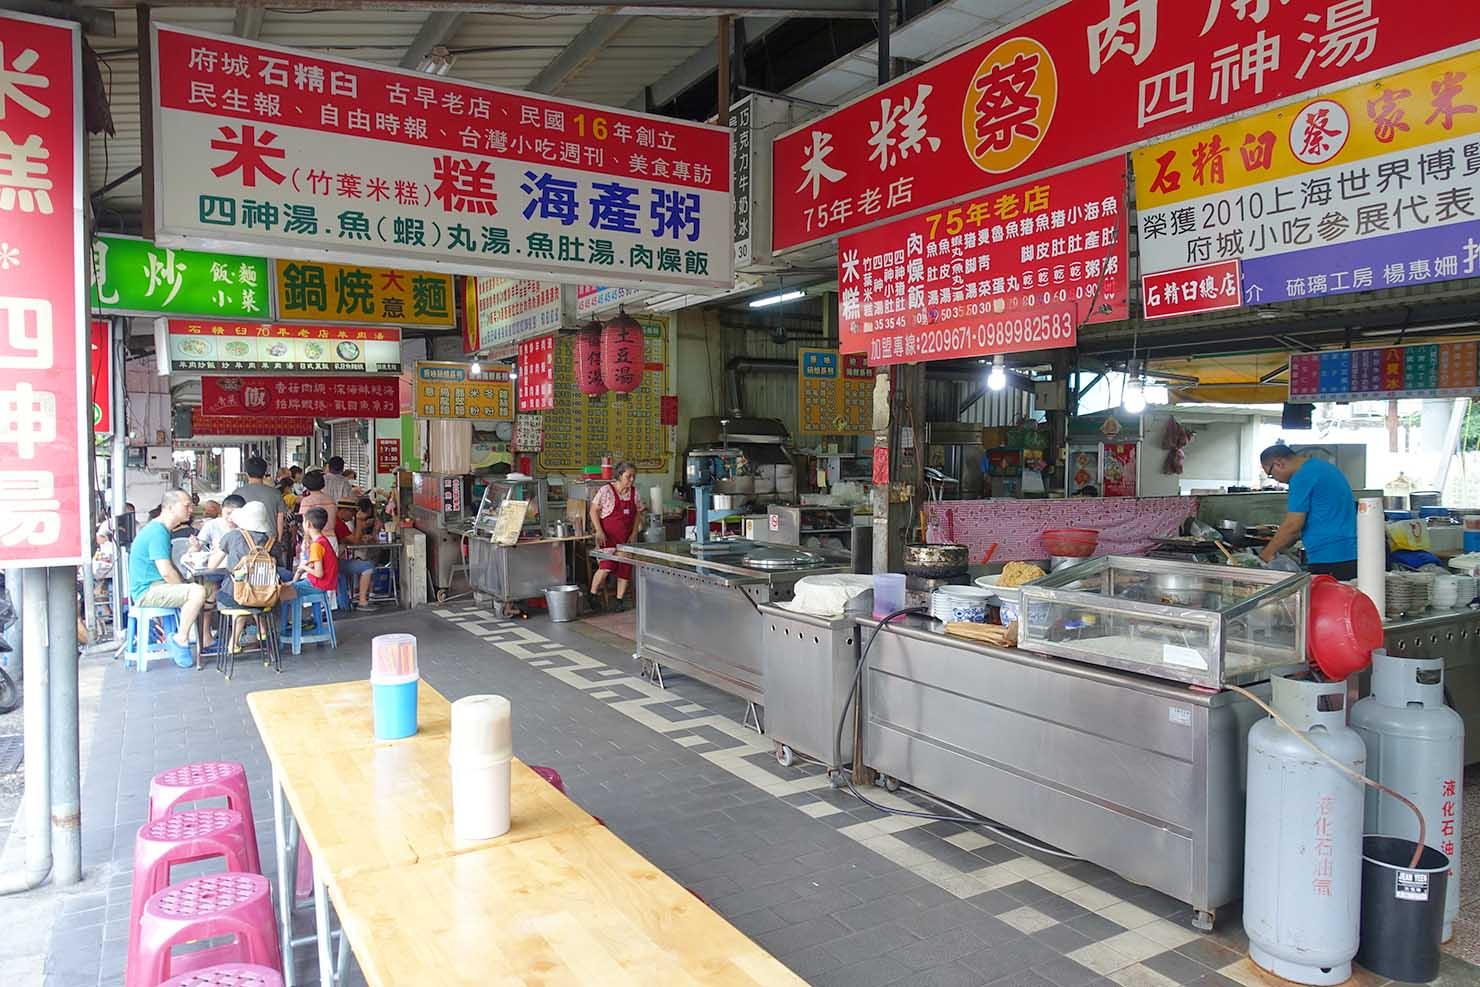 台湾の古都・台南のおすすめ観光スポット「赤崁樓」周辺のグルメスポット